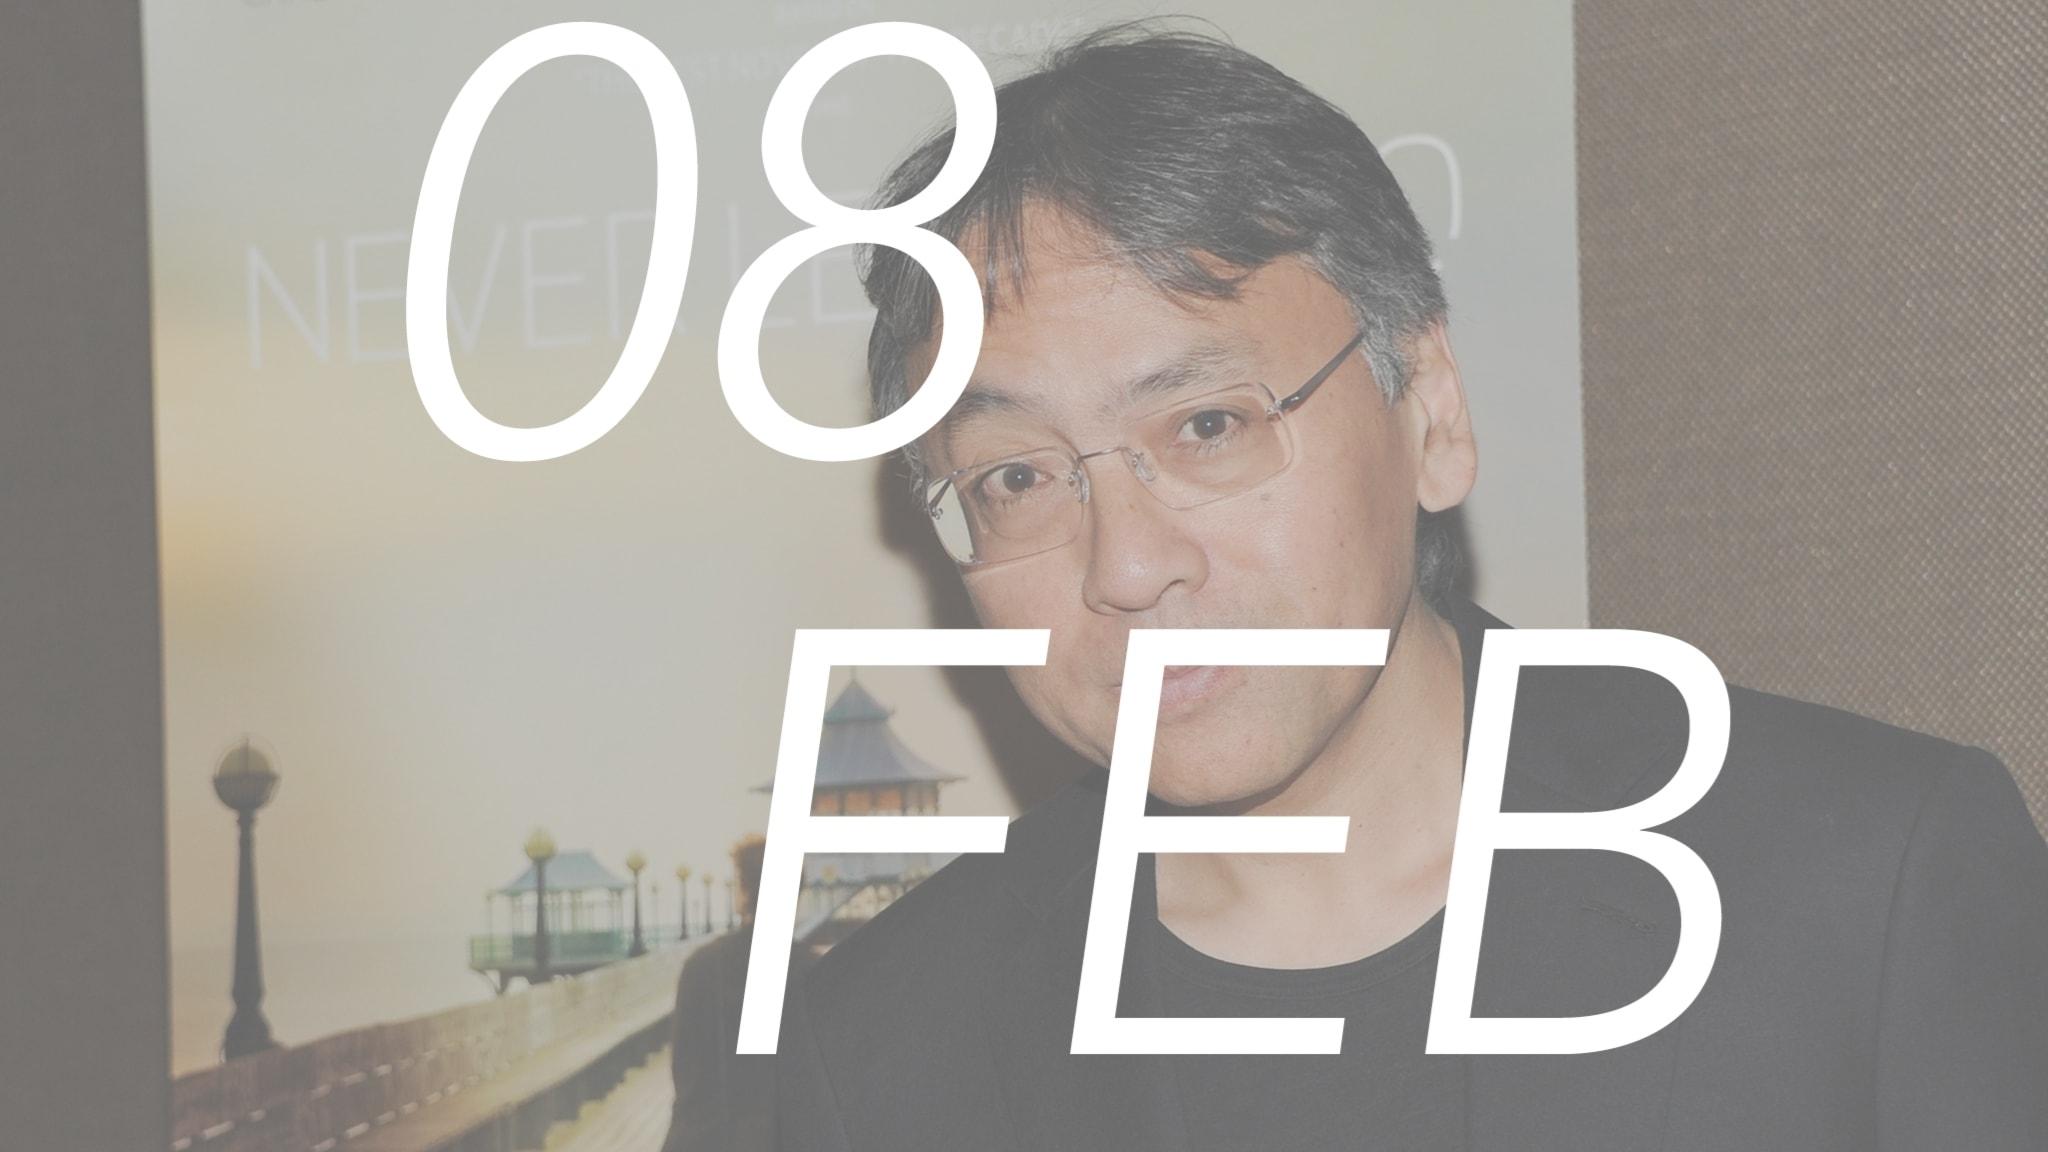 Del 26. Never let me go av Kazuo Ishiguro, 2017 års vinnare av Nobelpriset i litteratur. Sänt i FM 8 januari 2018.